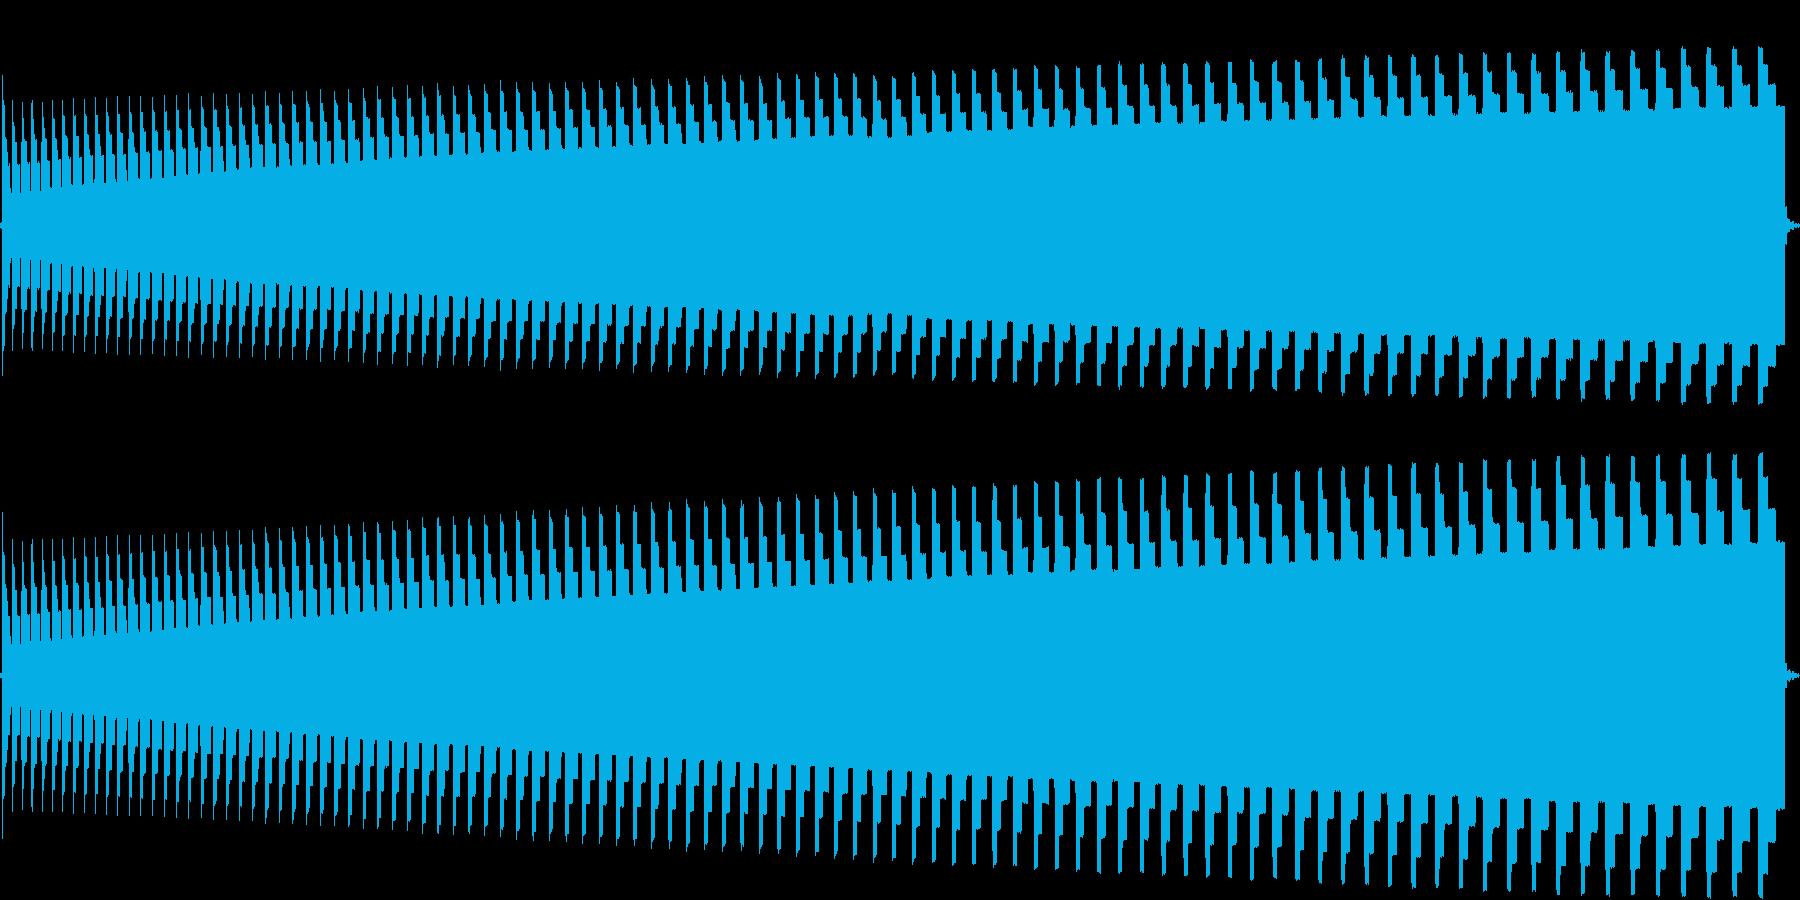 トーンドロップの再生済みの波形